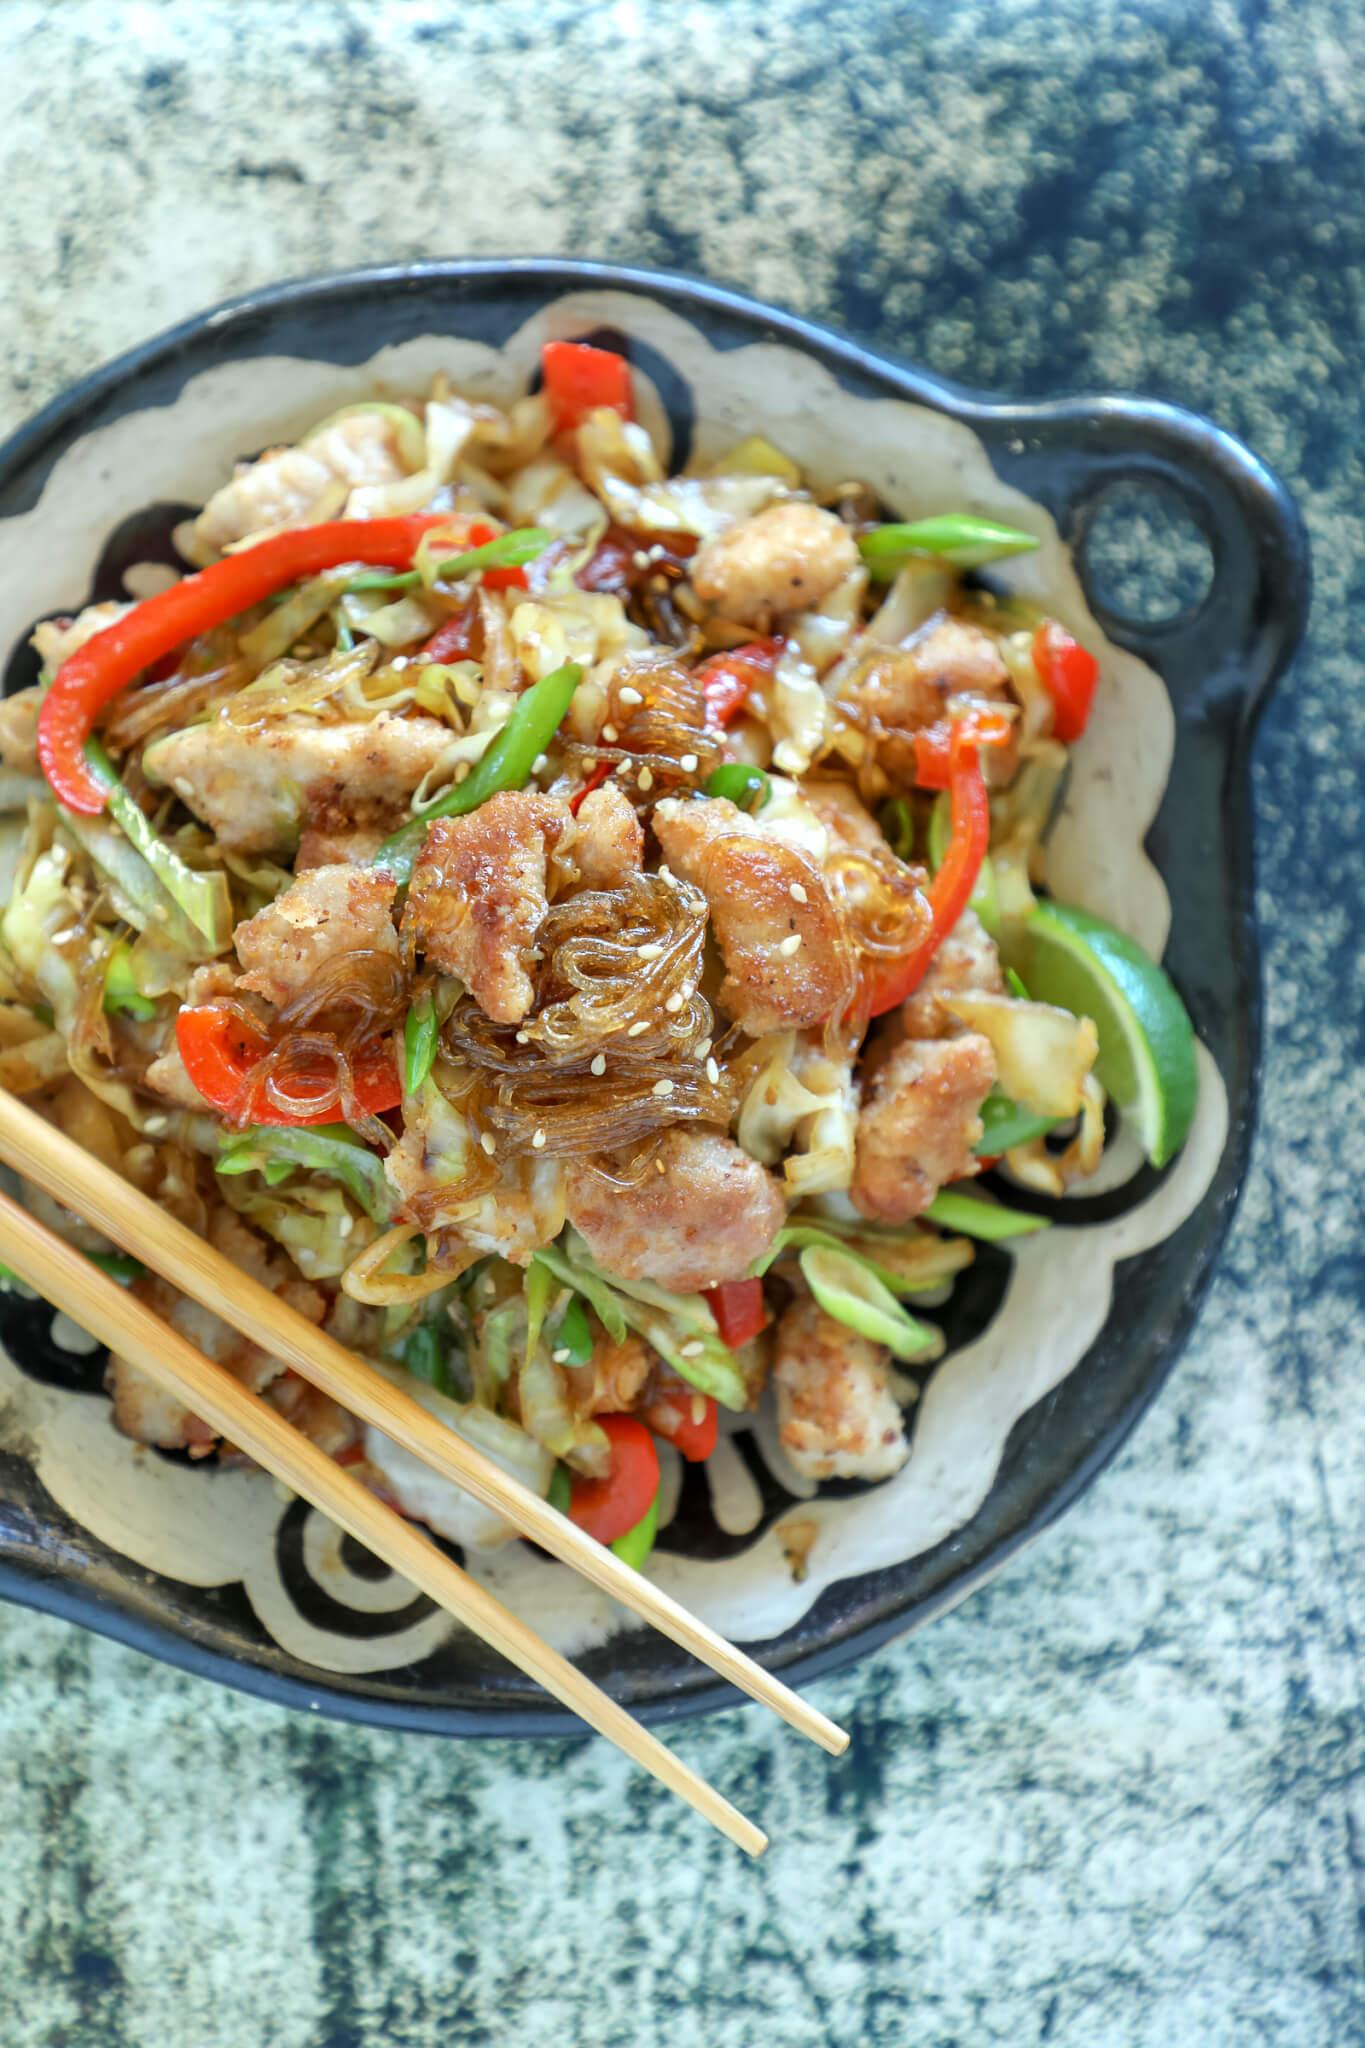 Keto Crispy Pork & Noodle Stir Fry - Low Carb | I Breathe I